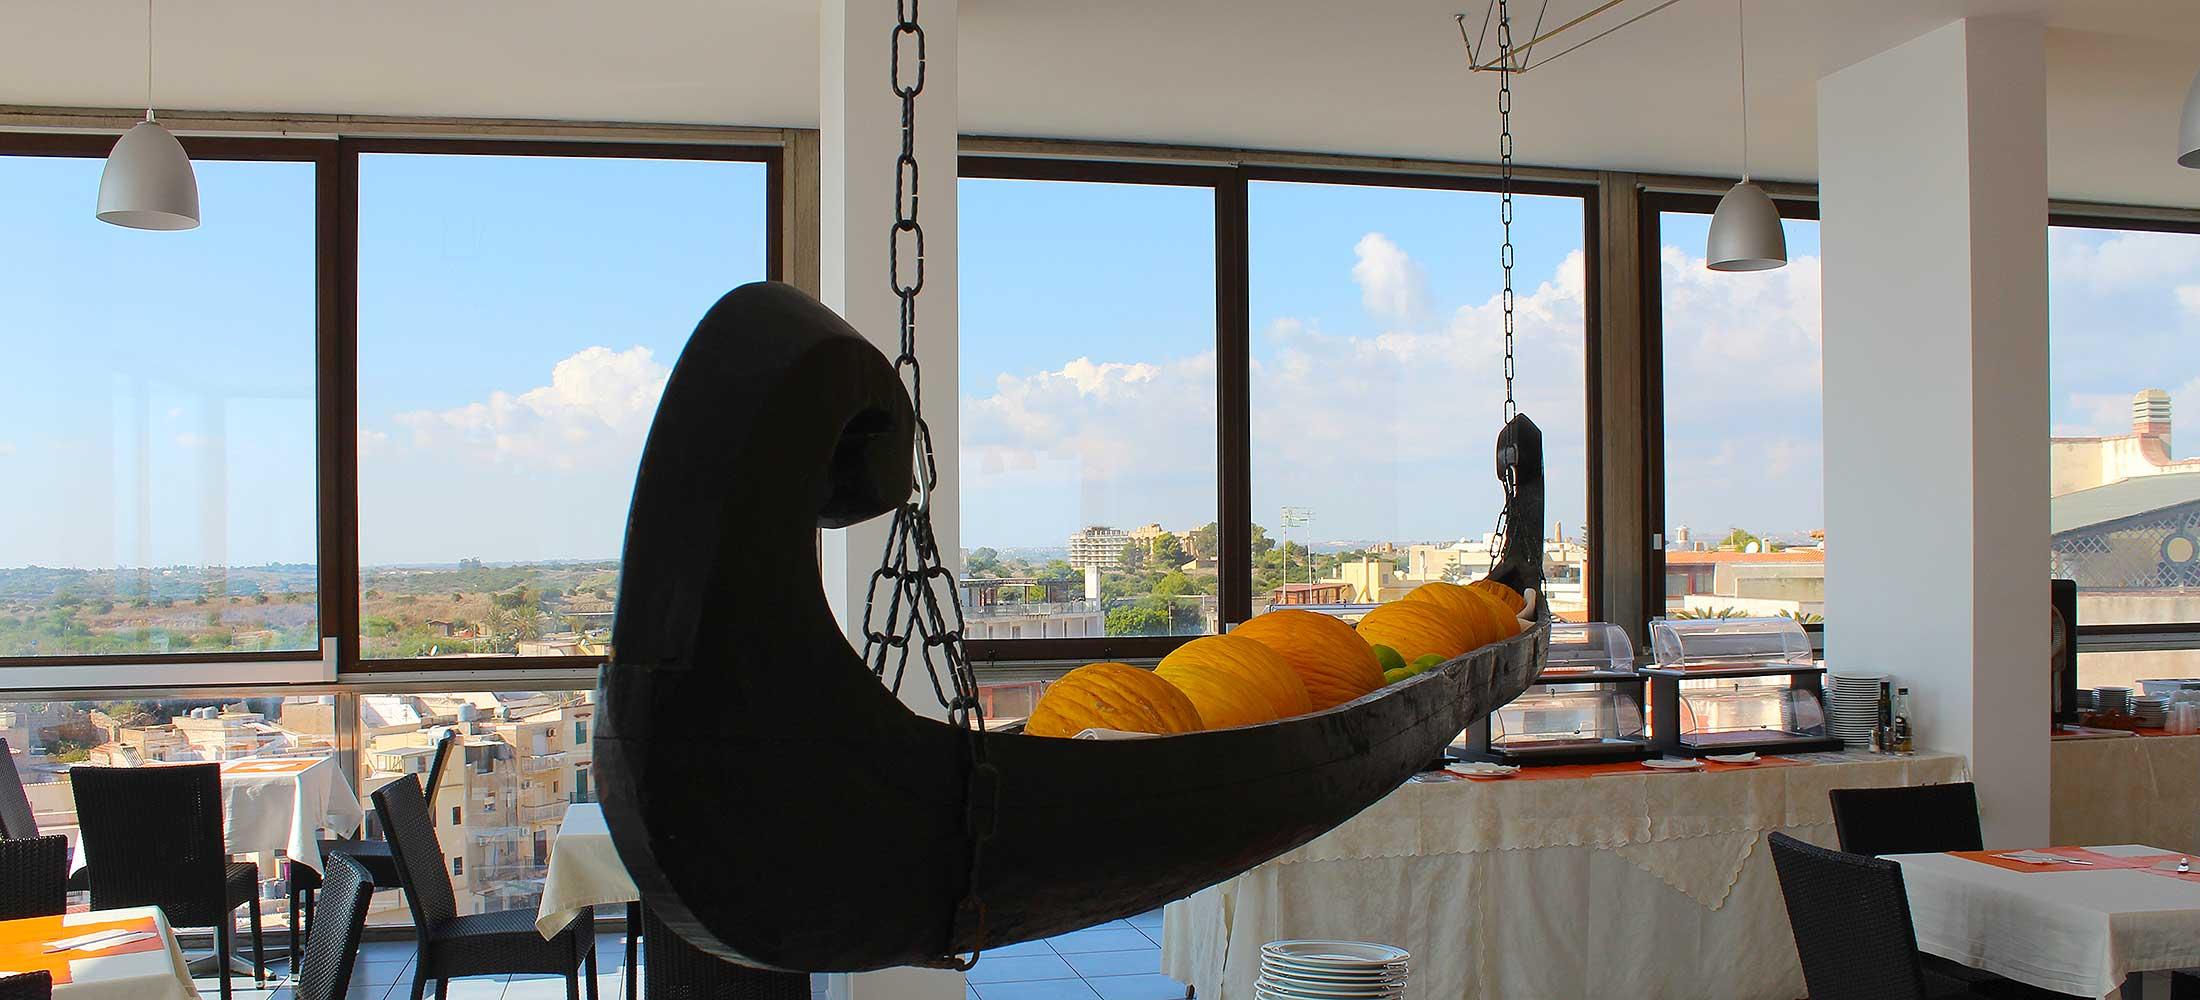 Hotel 4 stelle sul mediterraneo per vacanze estive al mare for Design hotel sicilia